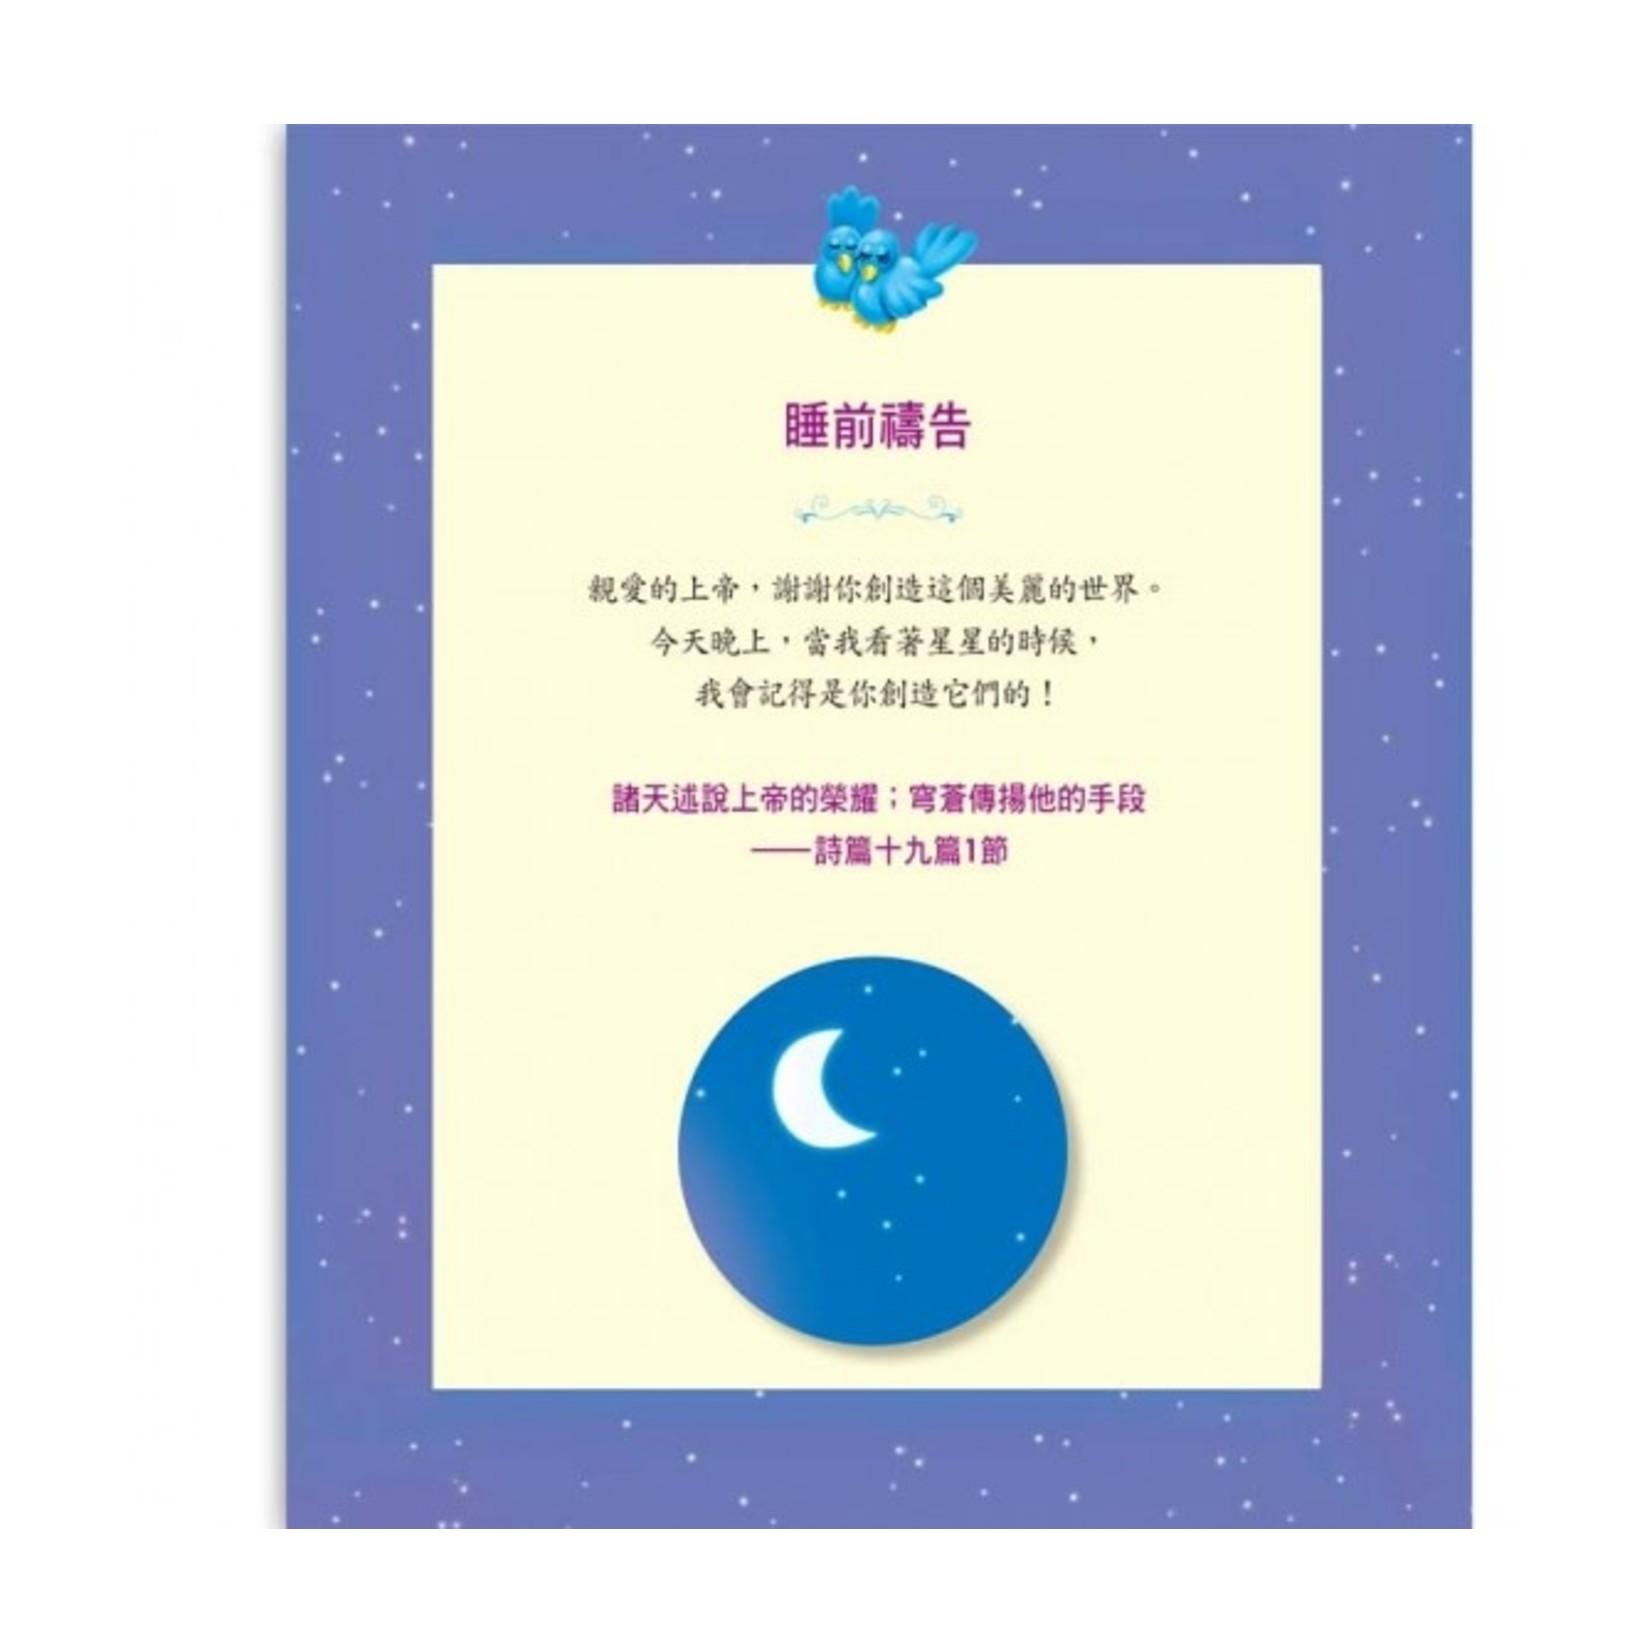 中國主日學協會 China Sunday School Association 我的第一本床邊聖經故事:20個最受歡迎的聖經故事與禱告